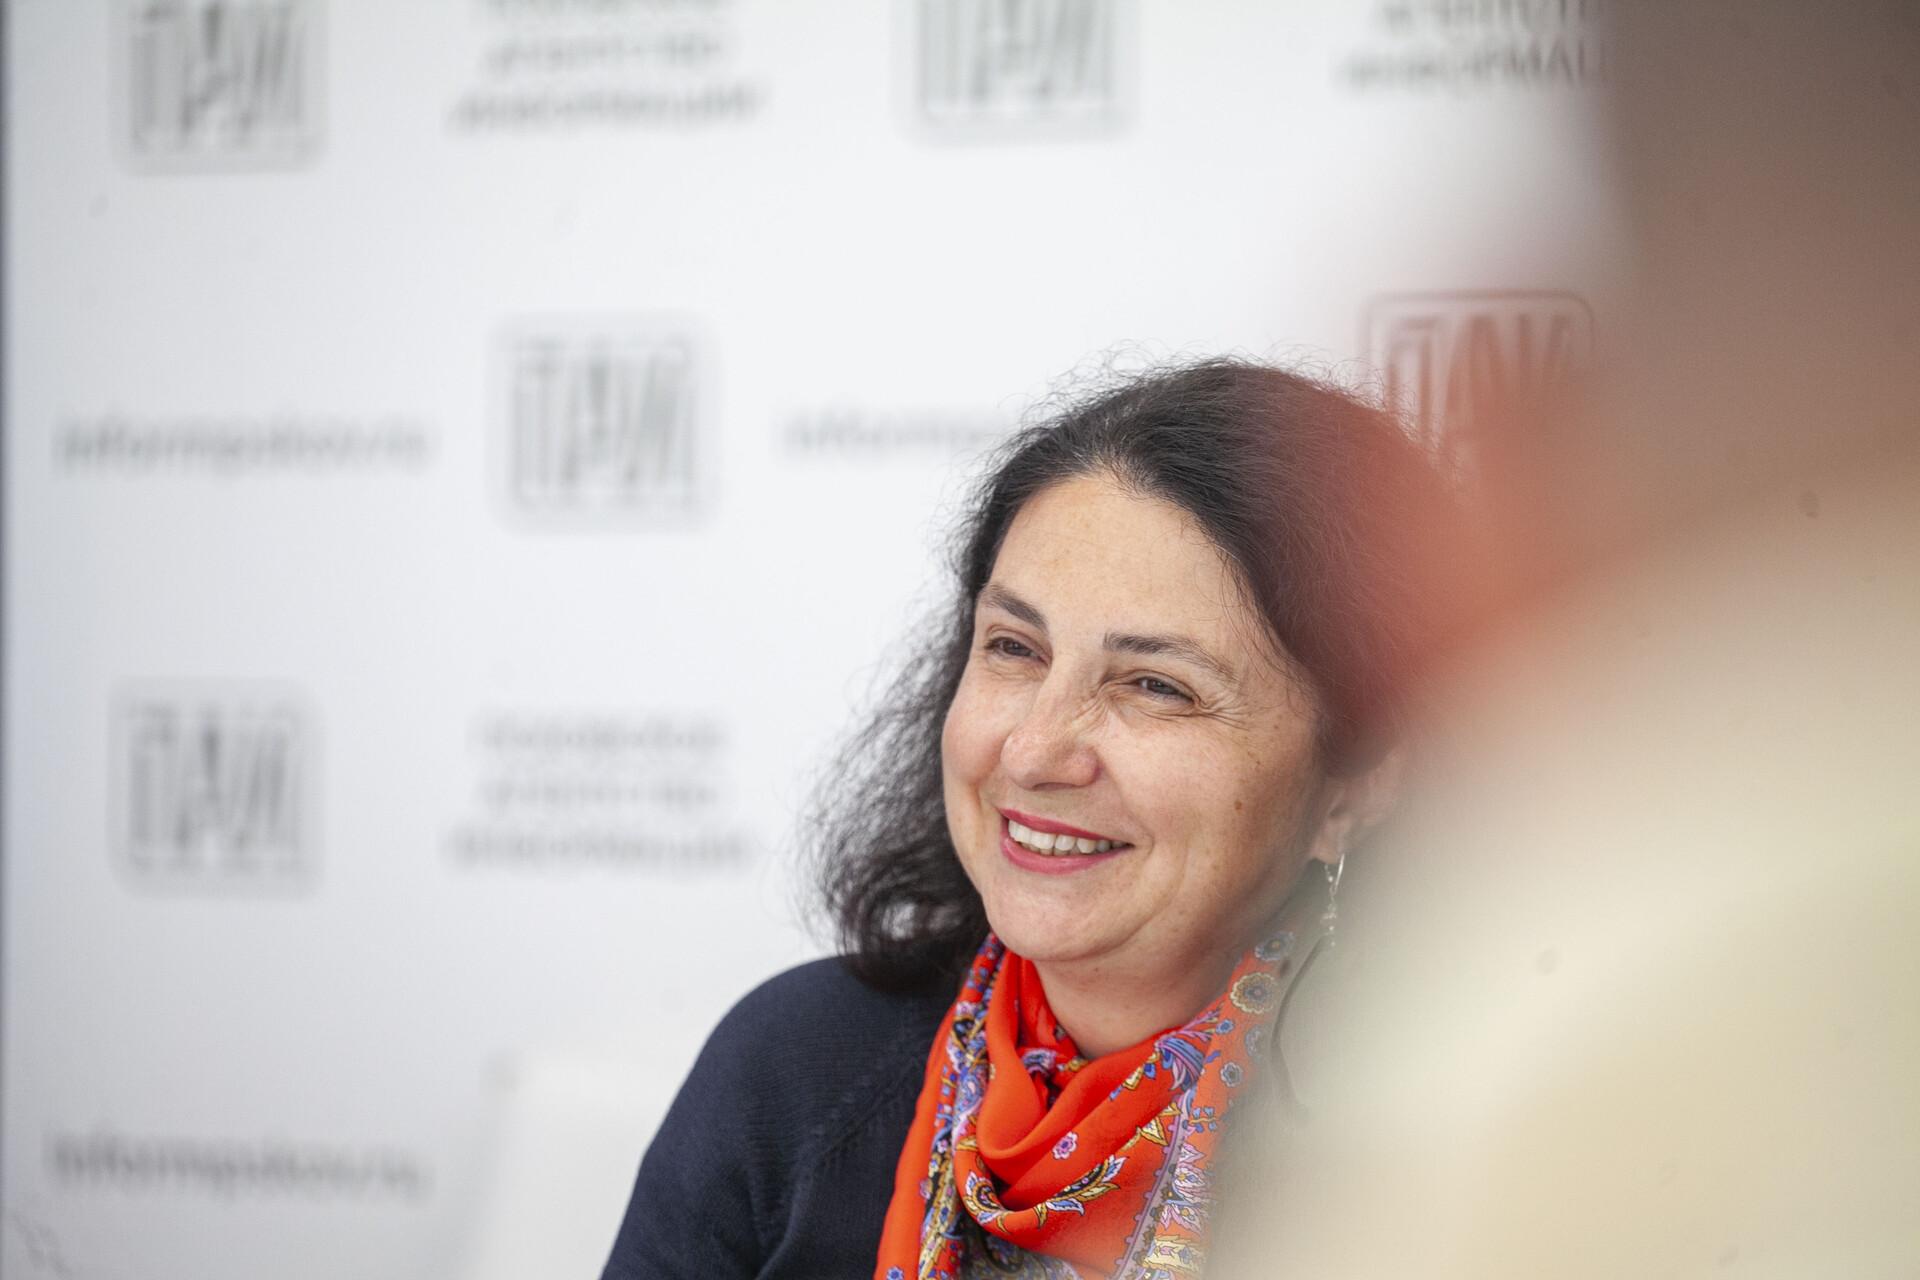 Нина Ромодановская. Фото ПАИ.